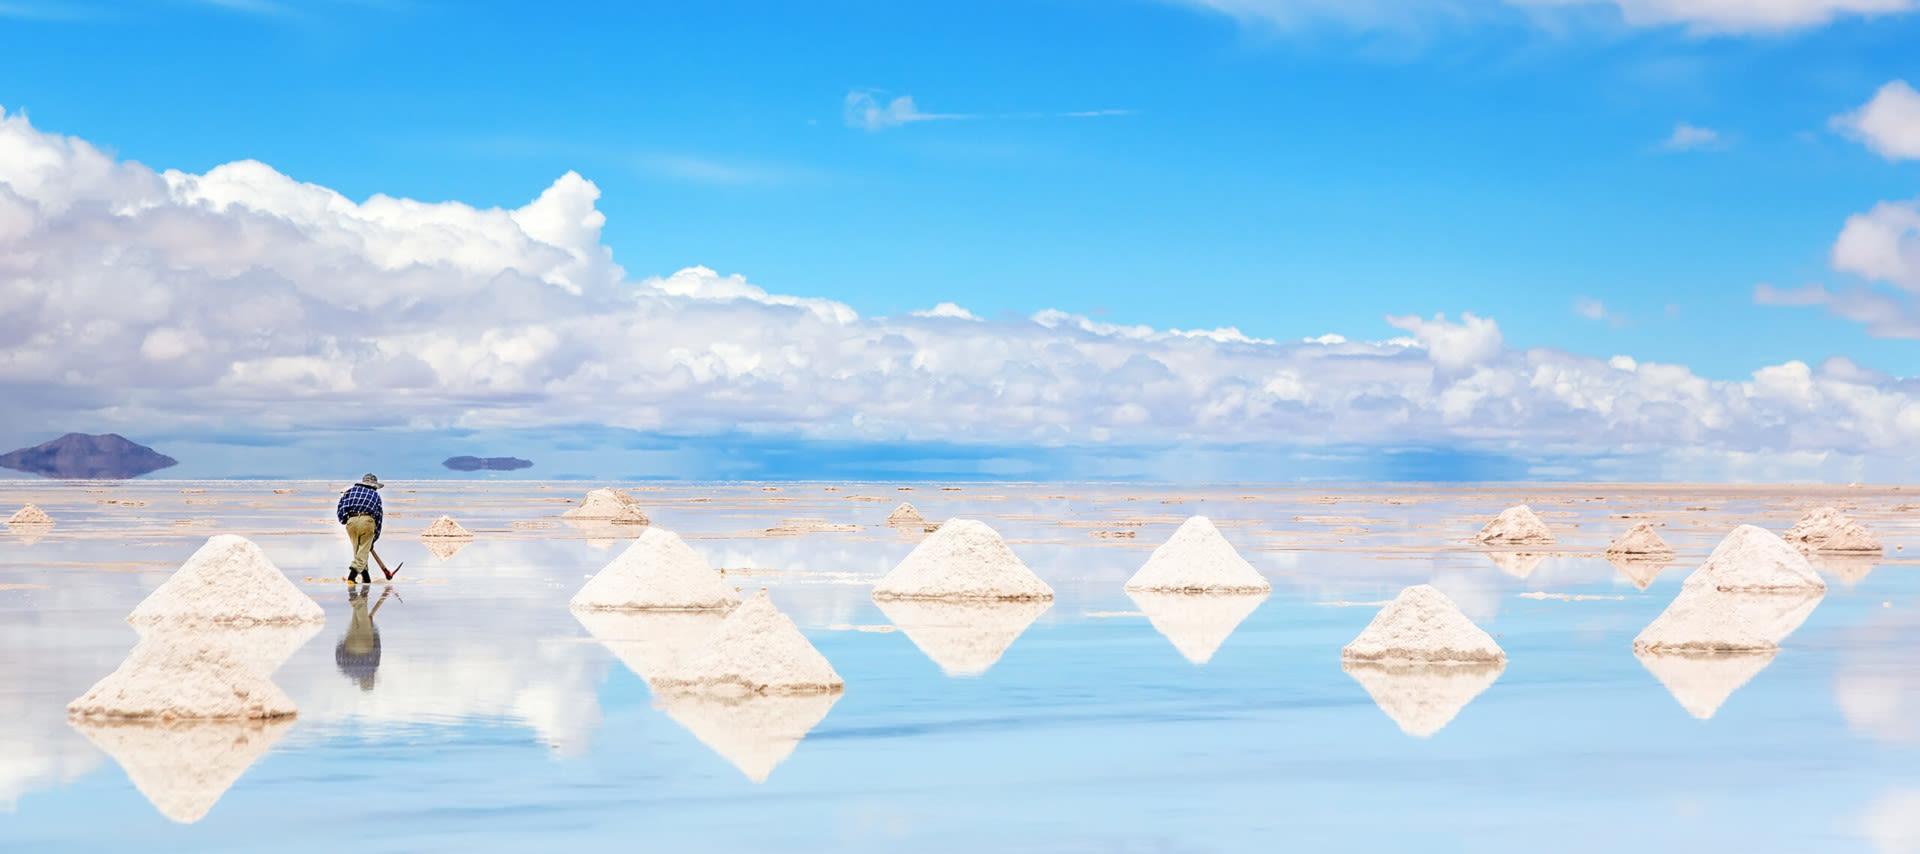 man harvesting salt at salar de uyuni